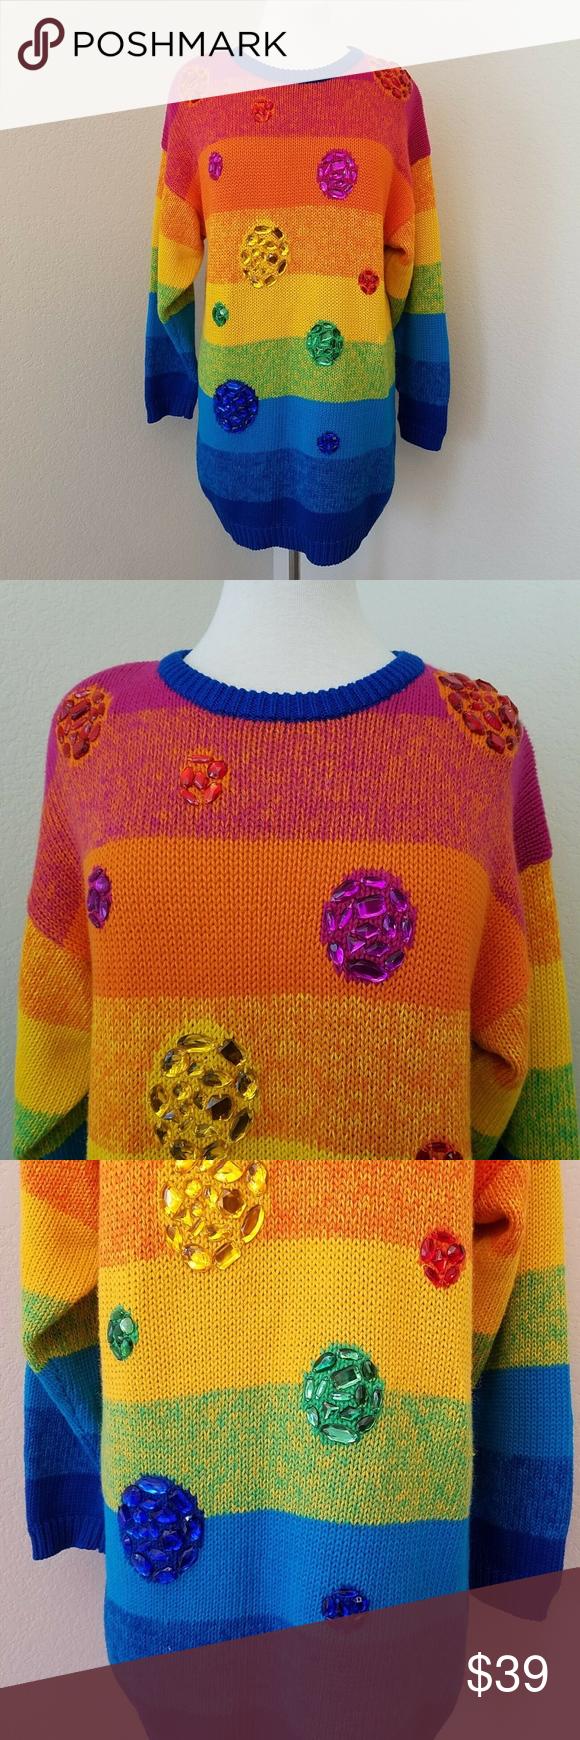 Vintage IB Diffusion Sport Jewels Striped Sweater Vintage IB Diffusion  Sport Womens Size Medium Jewels Rainbow fee3f78f2